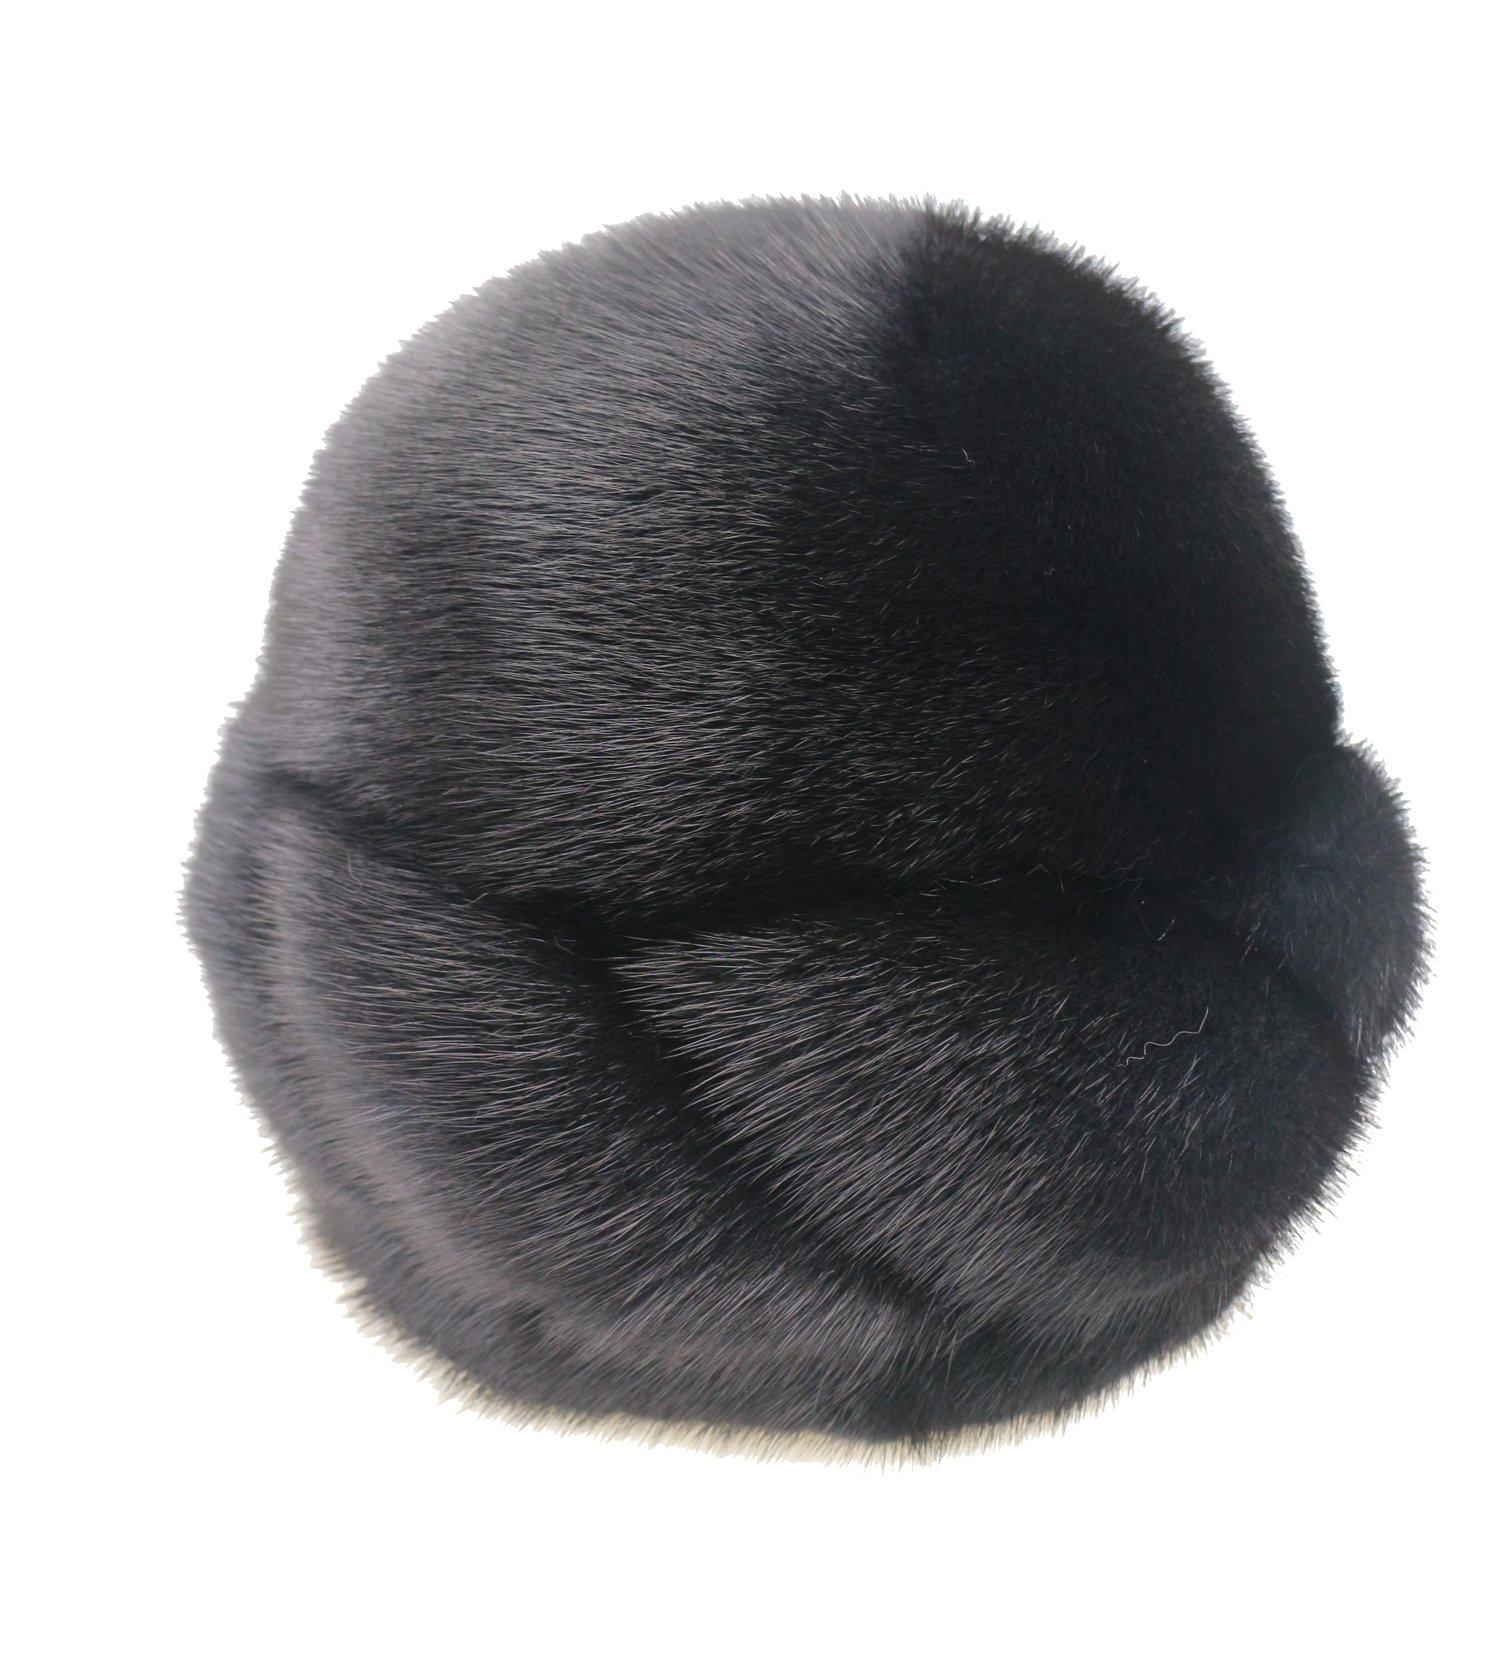 Ysting Whole Set of Mink Fur Hat For Women New Designer